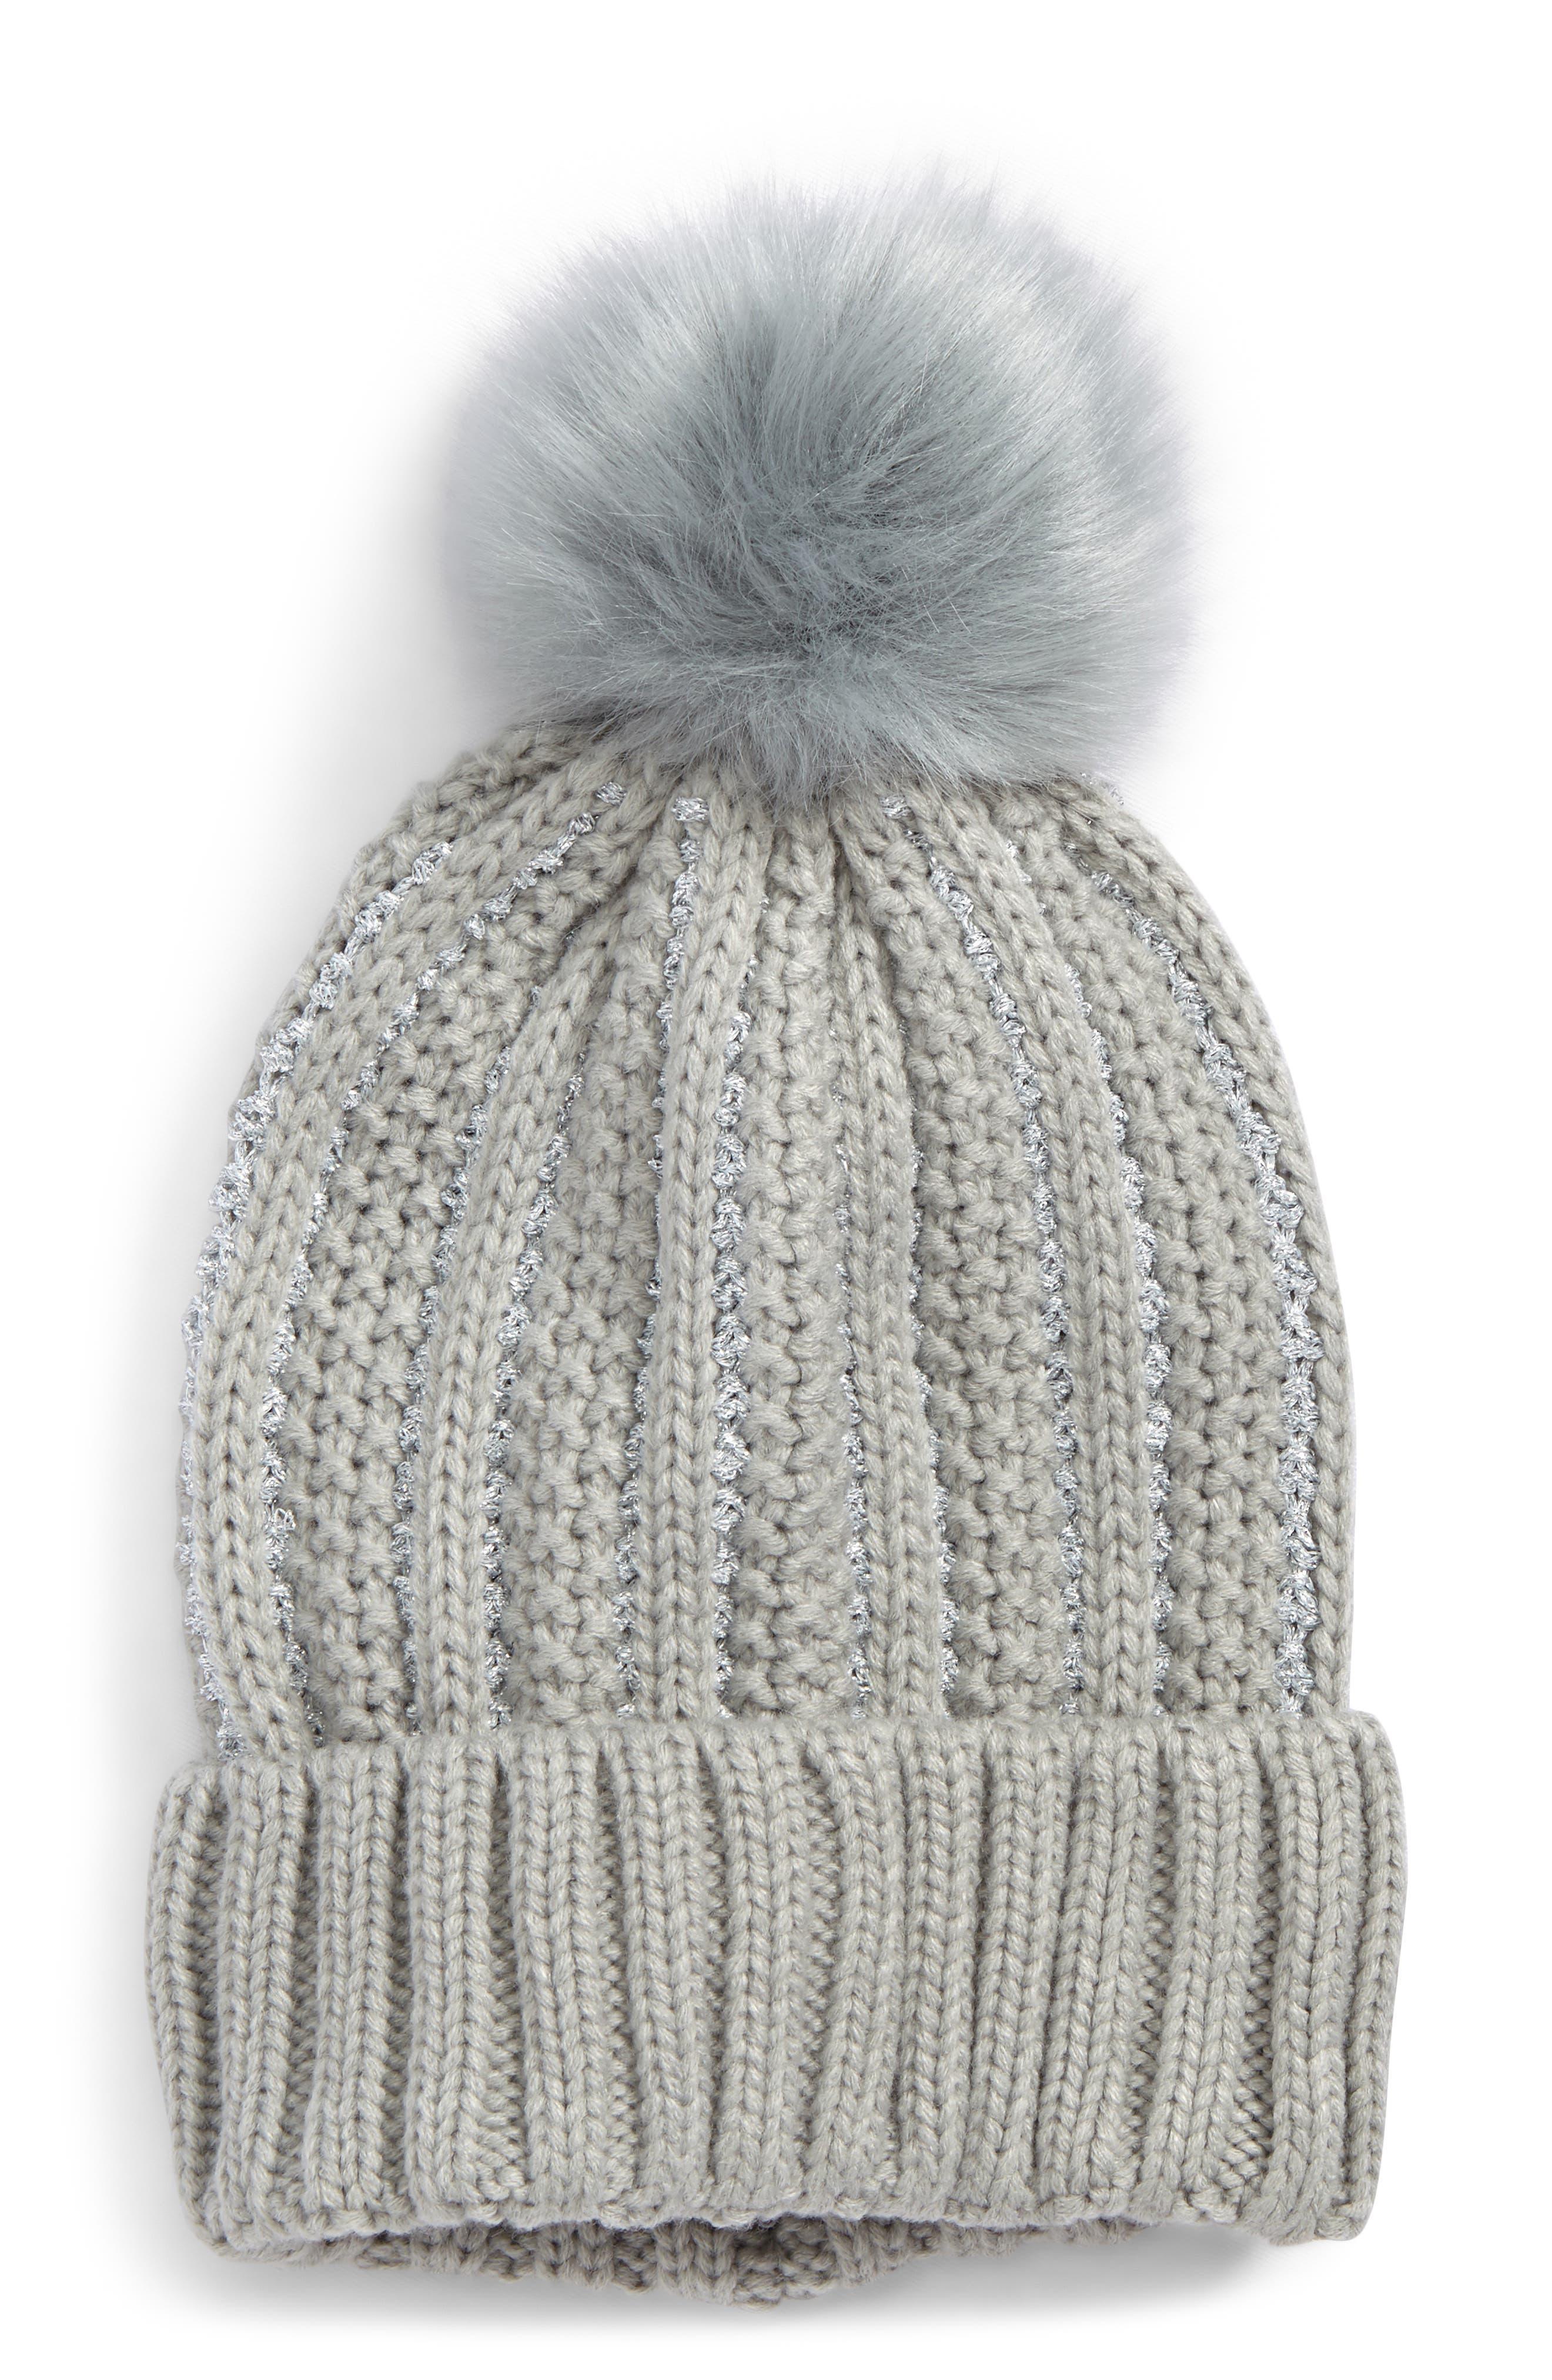 BP. Metallic Knit Beanie with Faux Fur Pompom